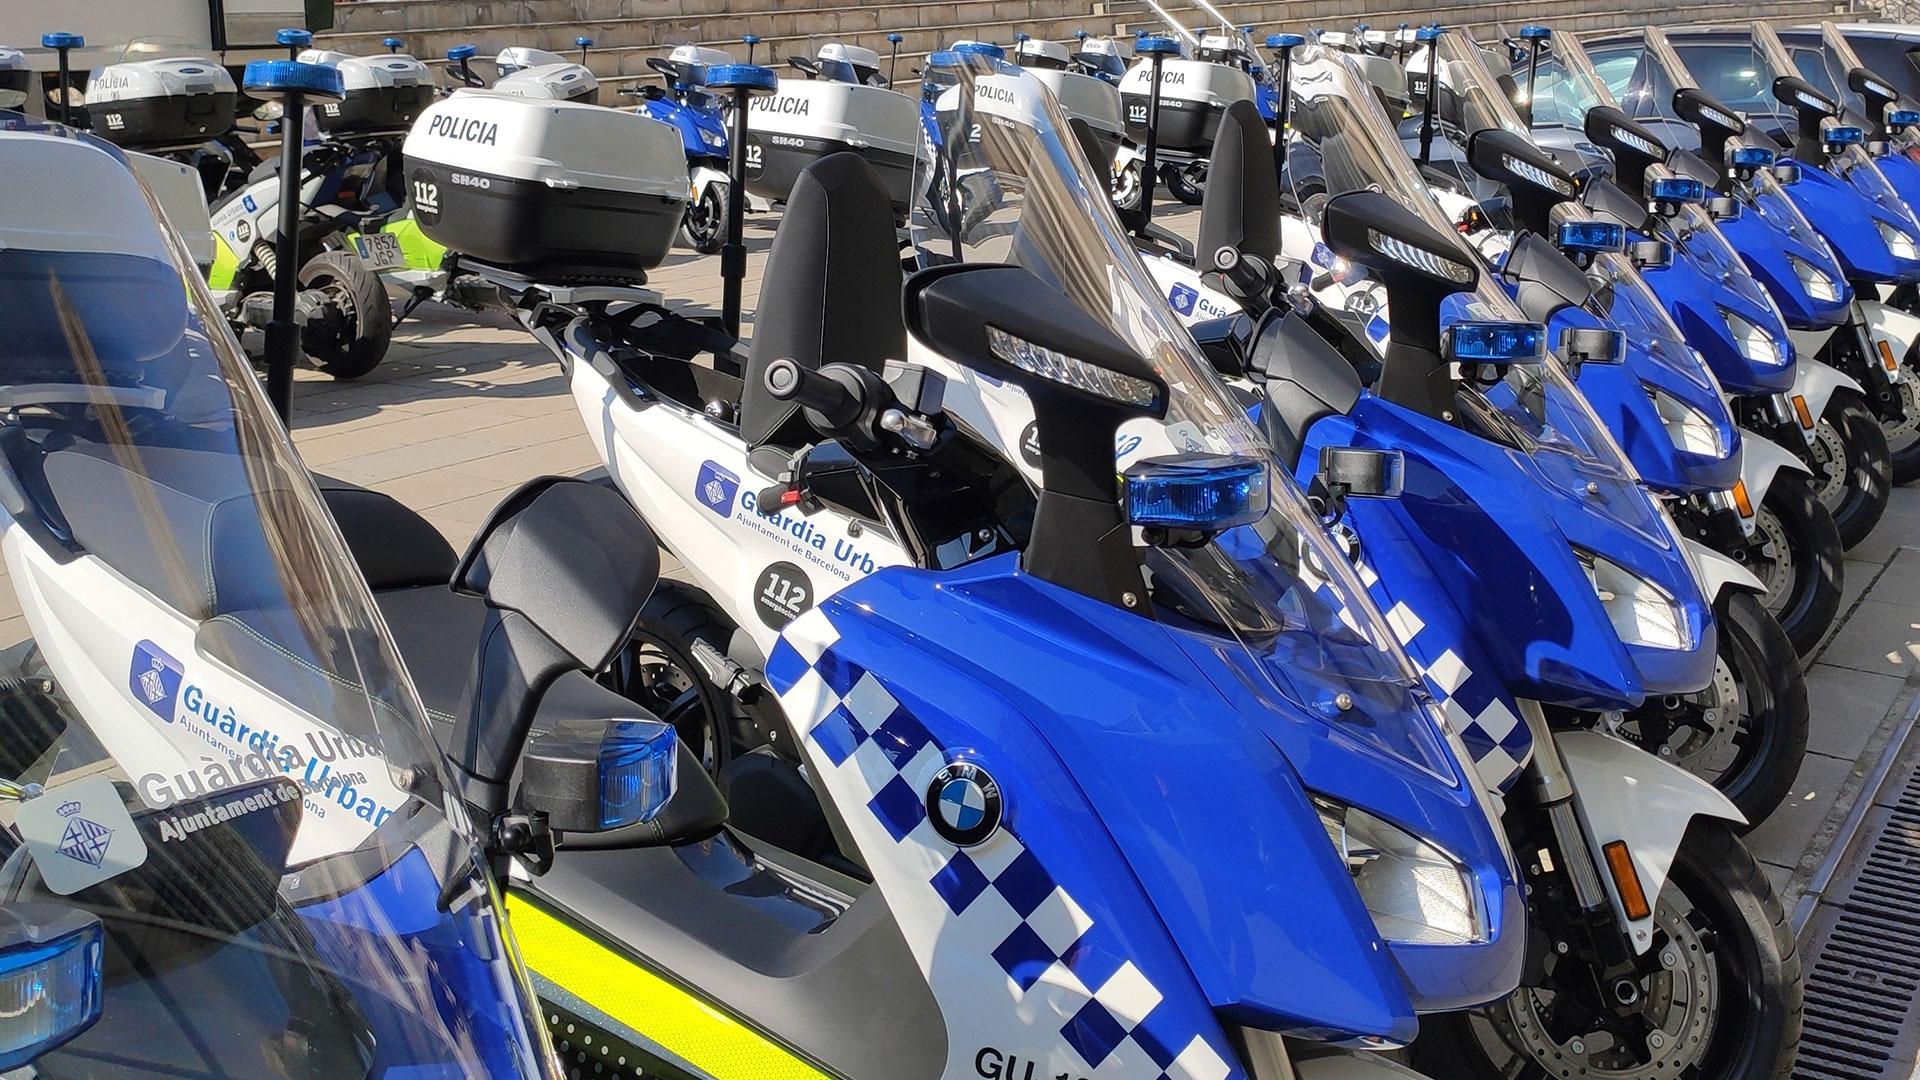 La Guardia Urbana de Barcelona adquiere 30 unidades del scooter eléctrico de BMW